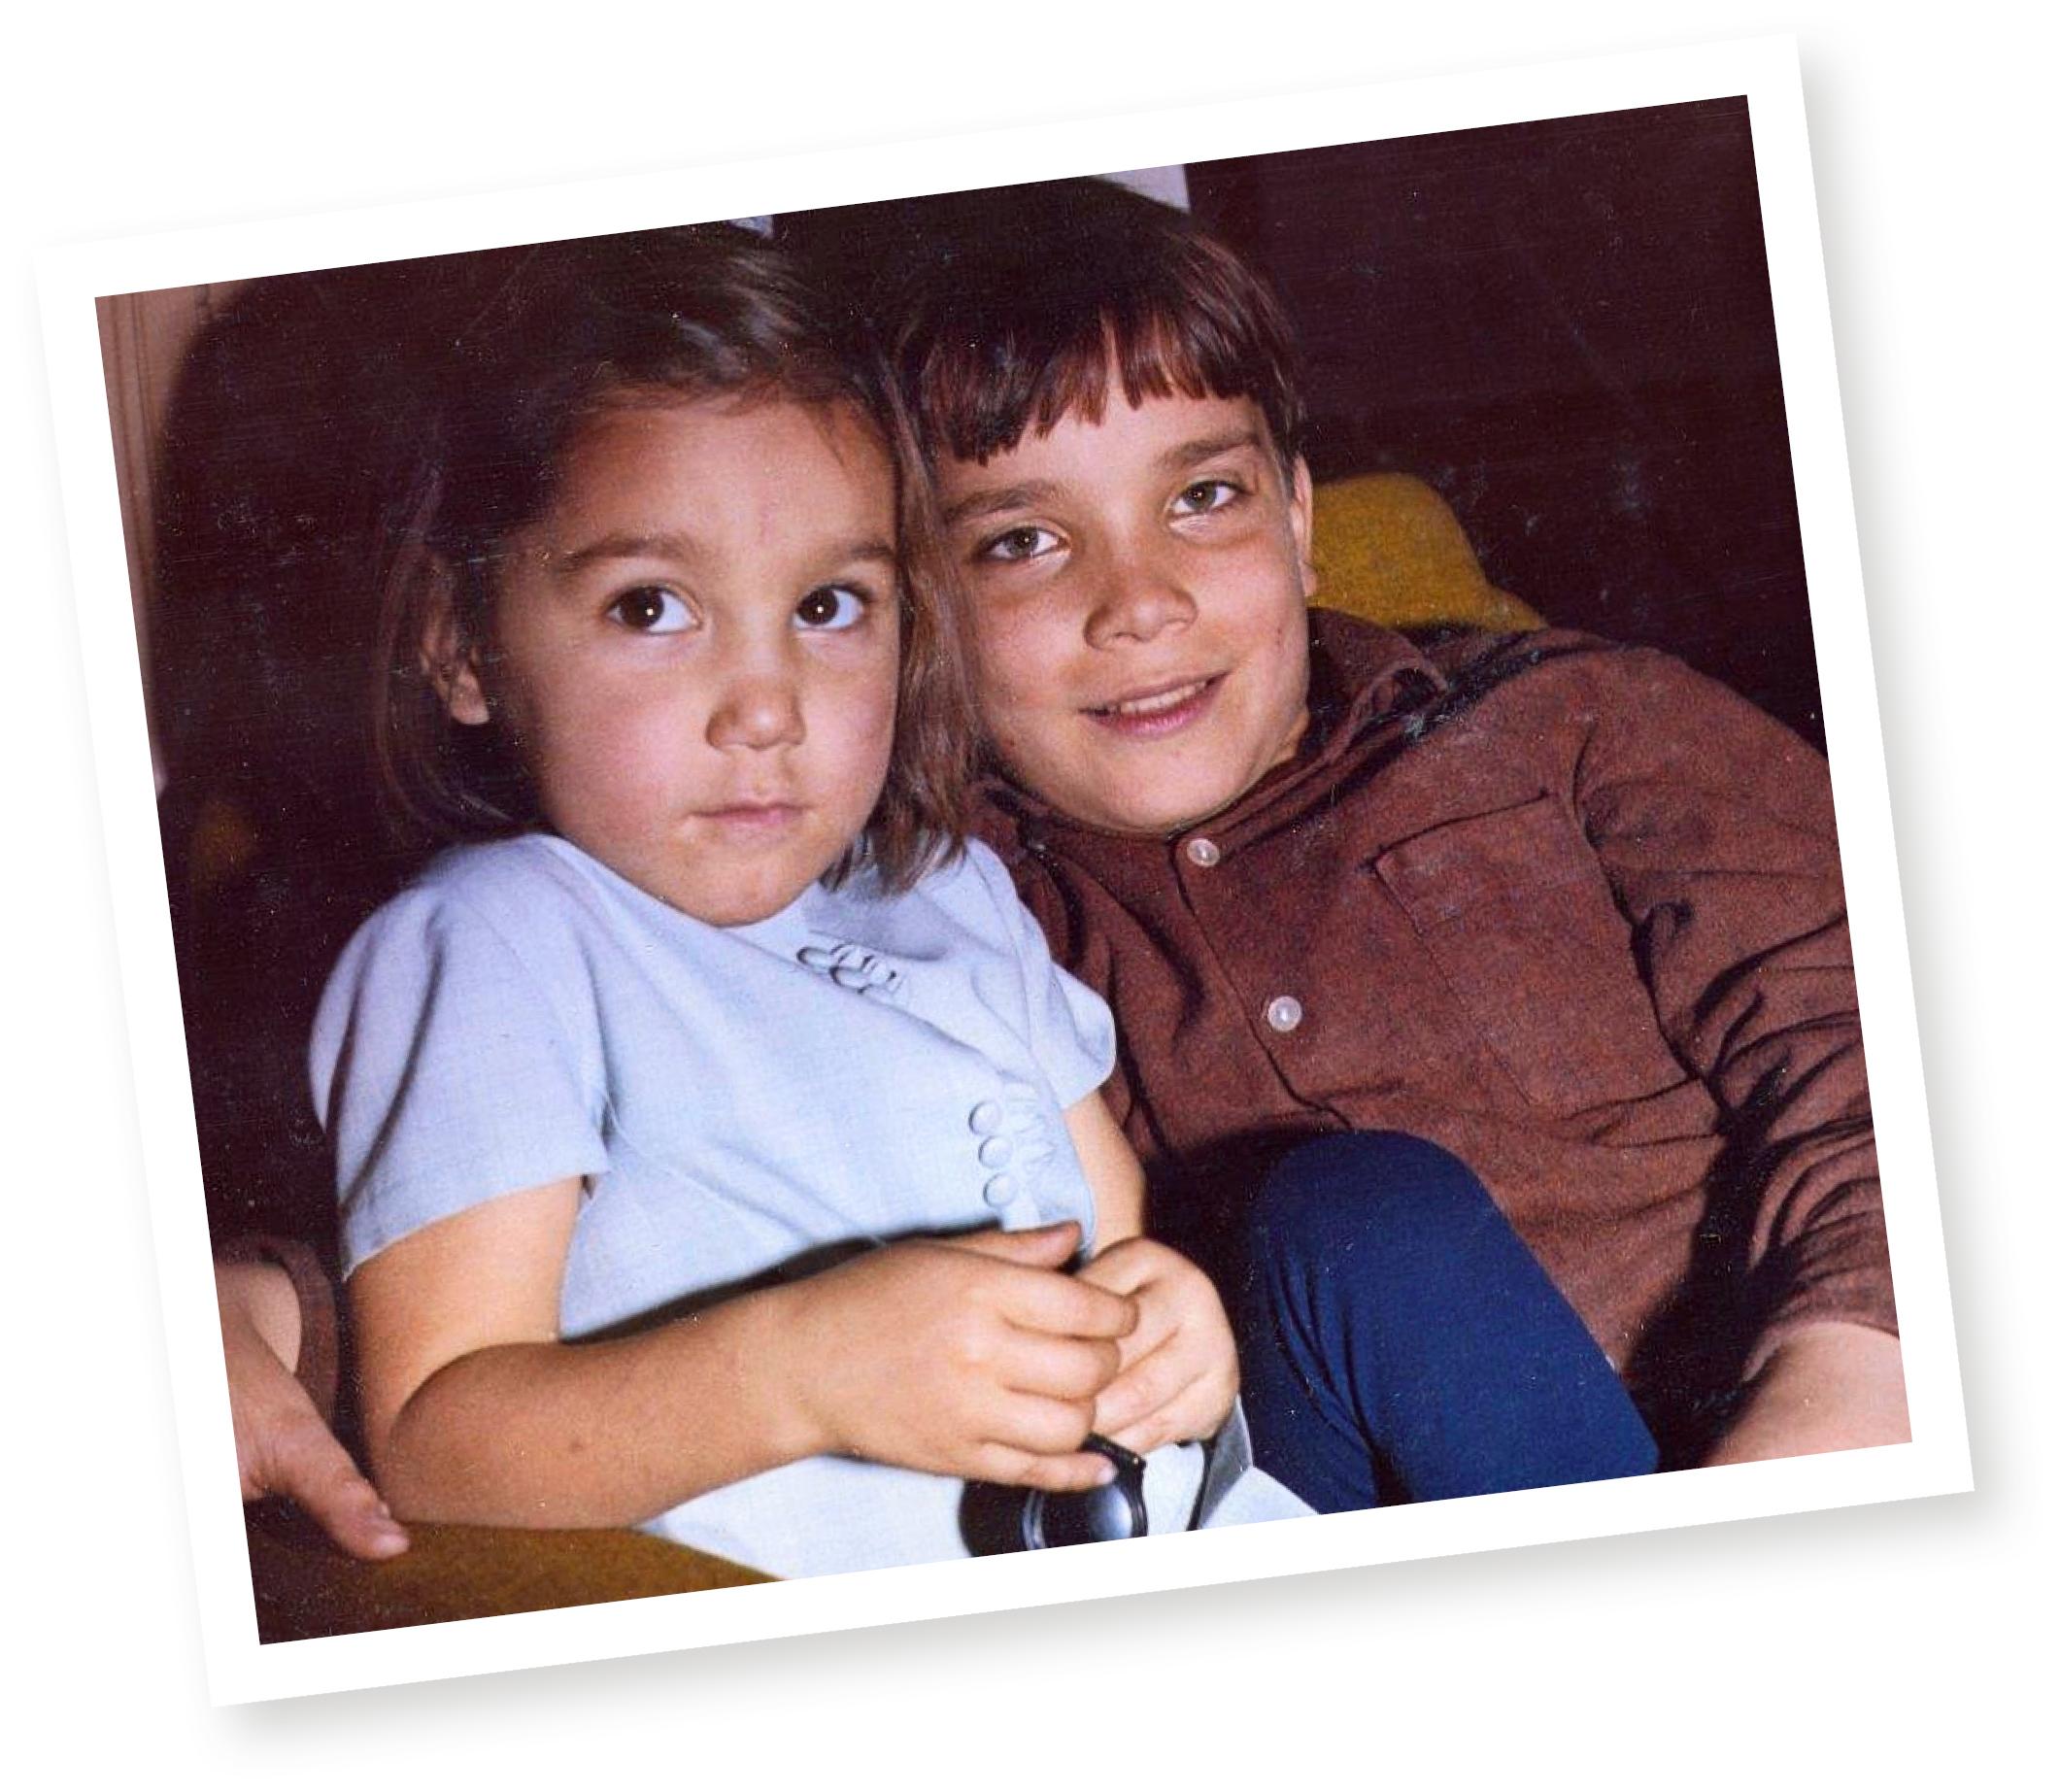 Kuusi vuotta vanhempi Timo-veli oli Tean tuki ja turva.